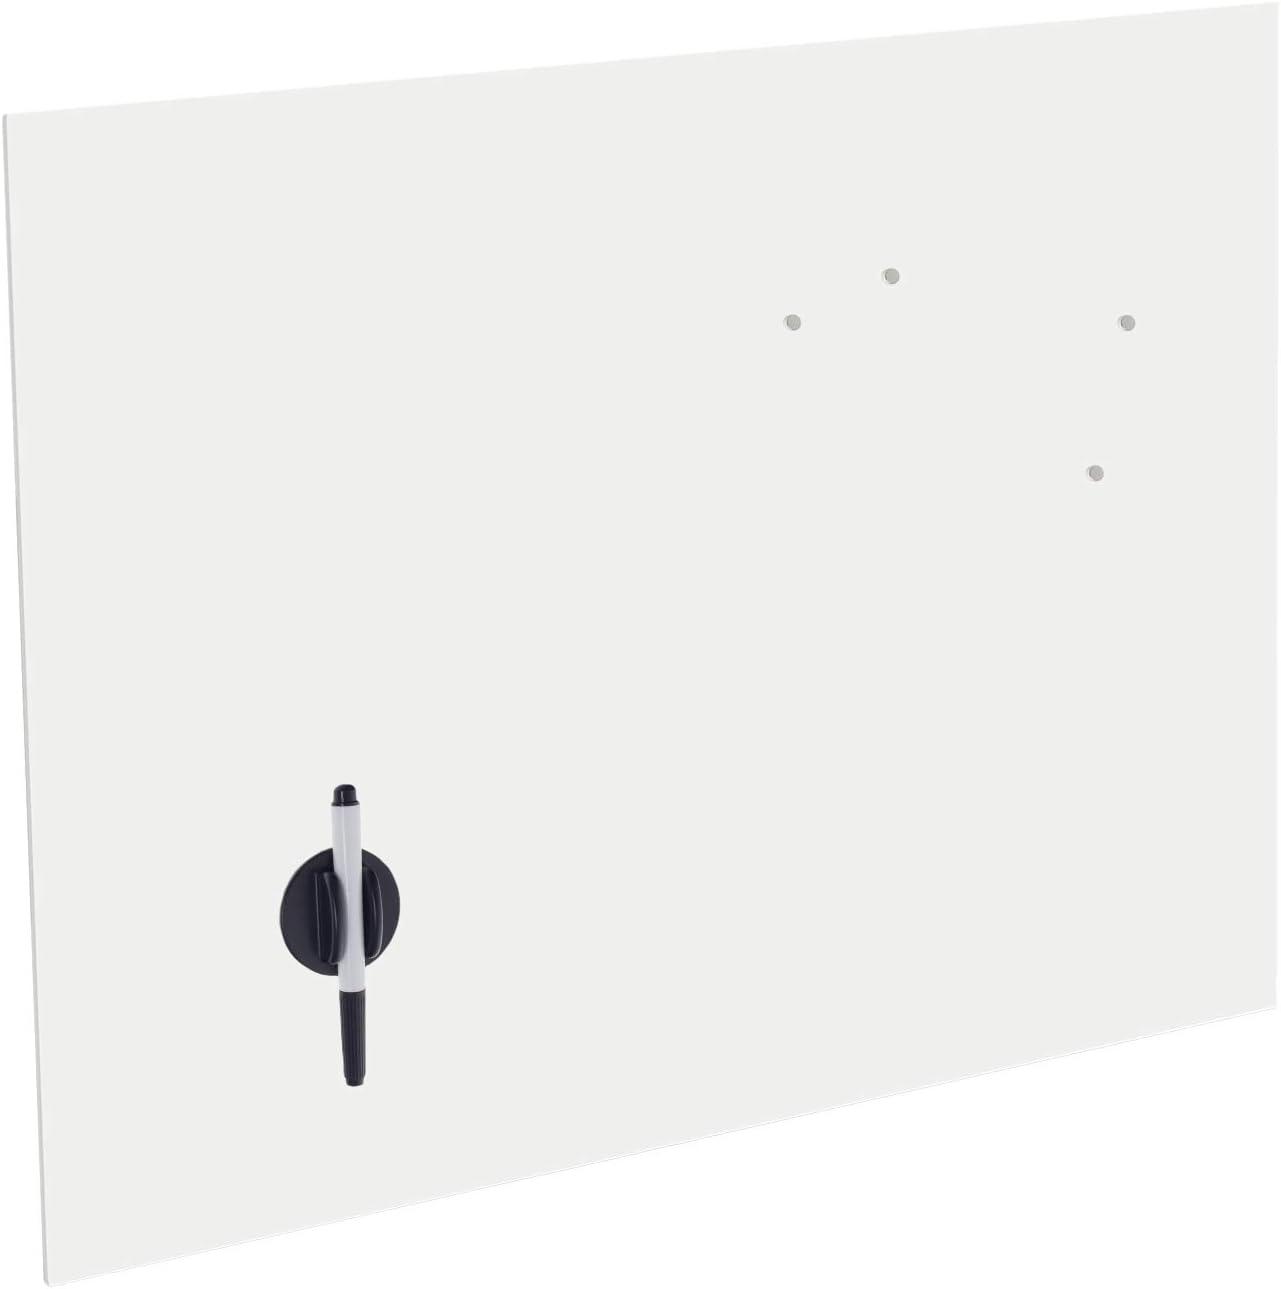 Glas Magnettafel Wandtafel Memoboard Pinnwand Schreibtafel 40x30cm inkl Zubehör